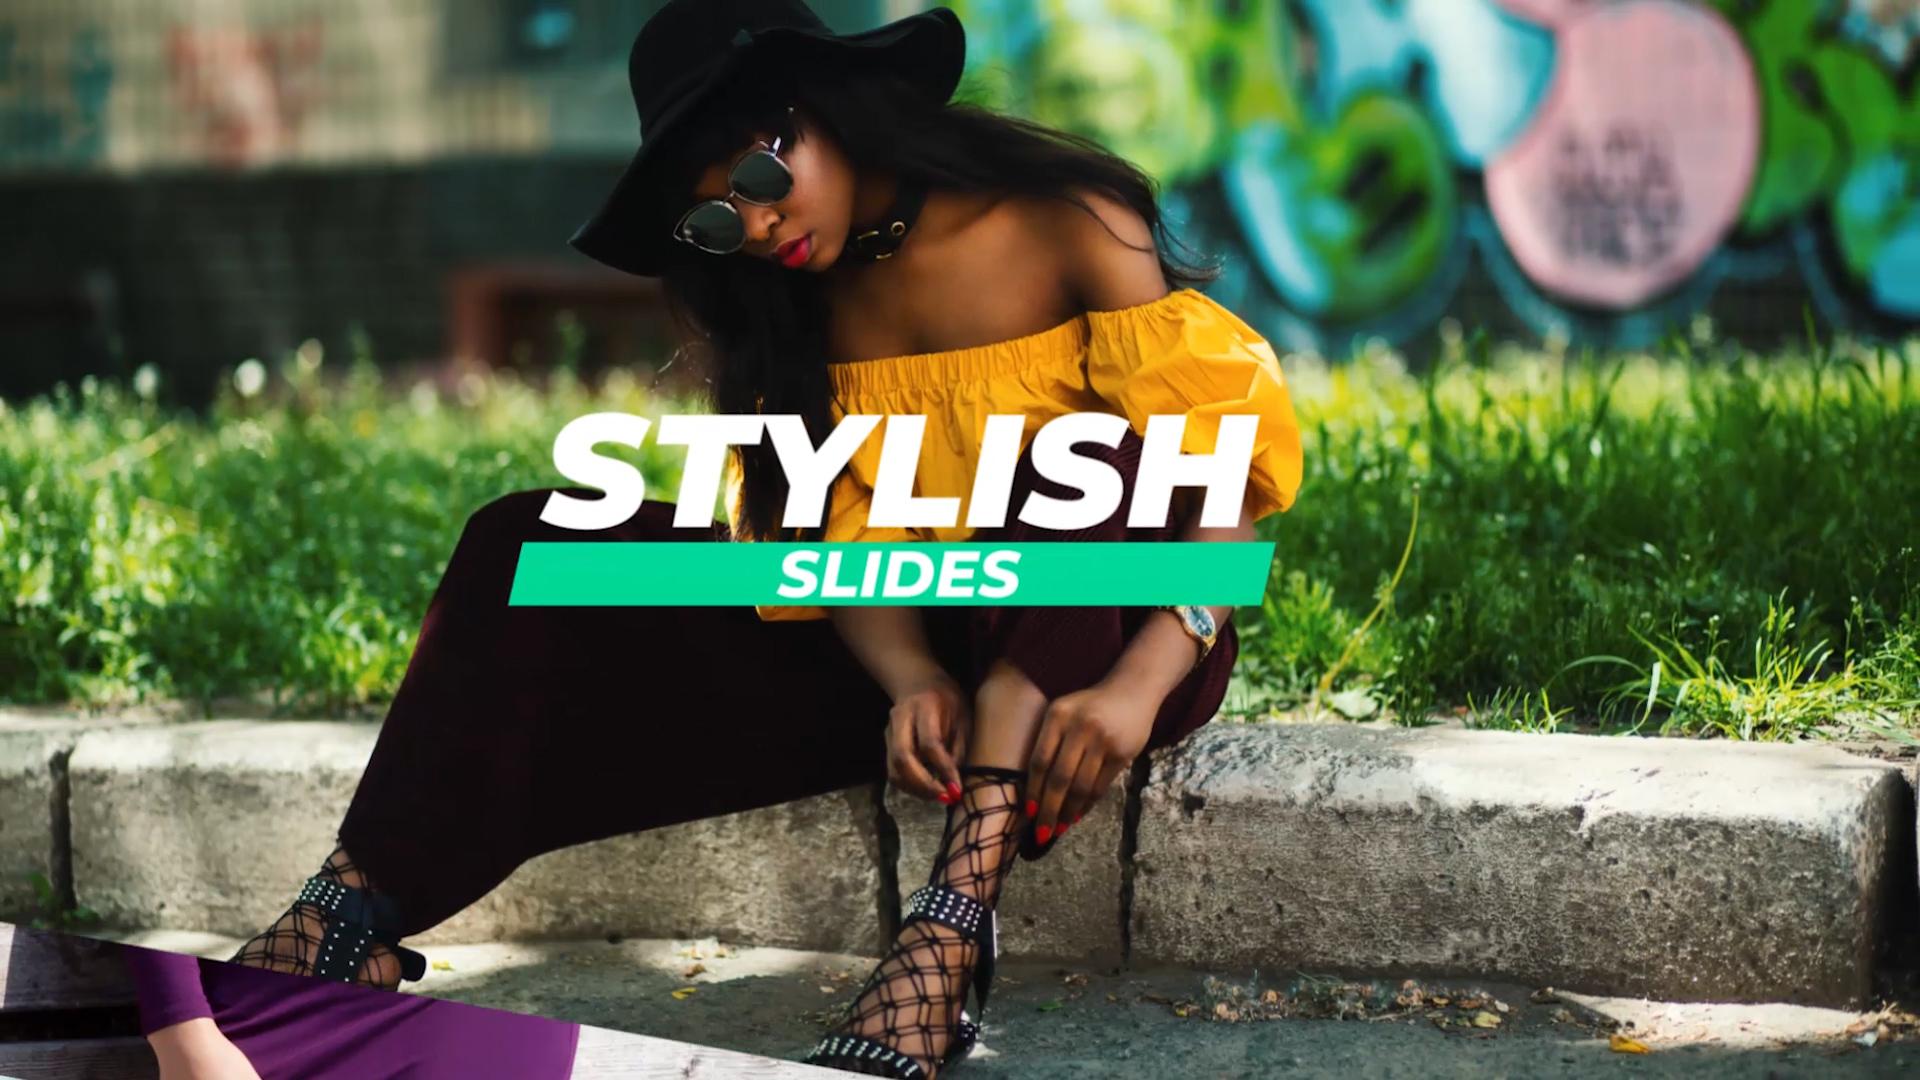 stylish premiere pro template